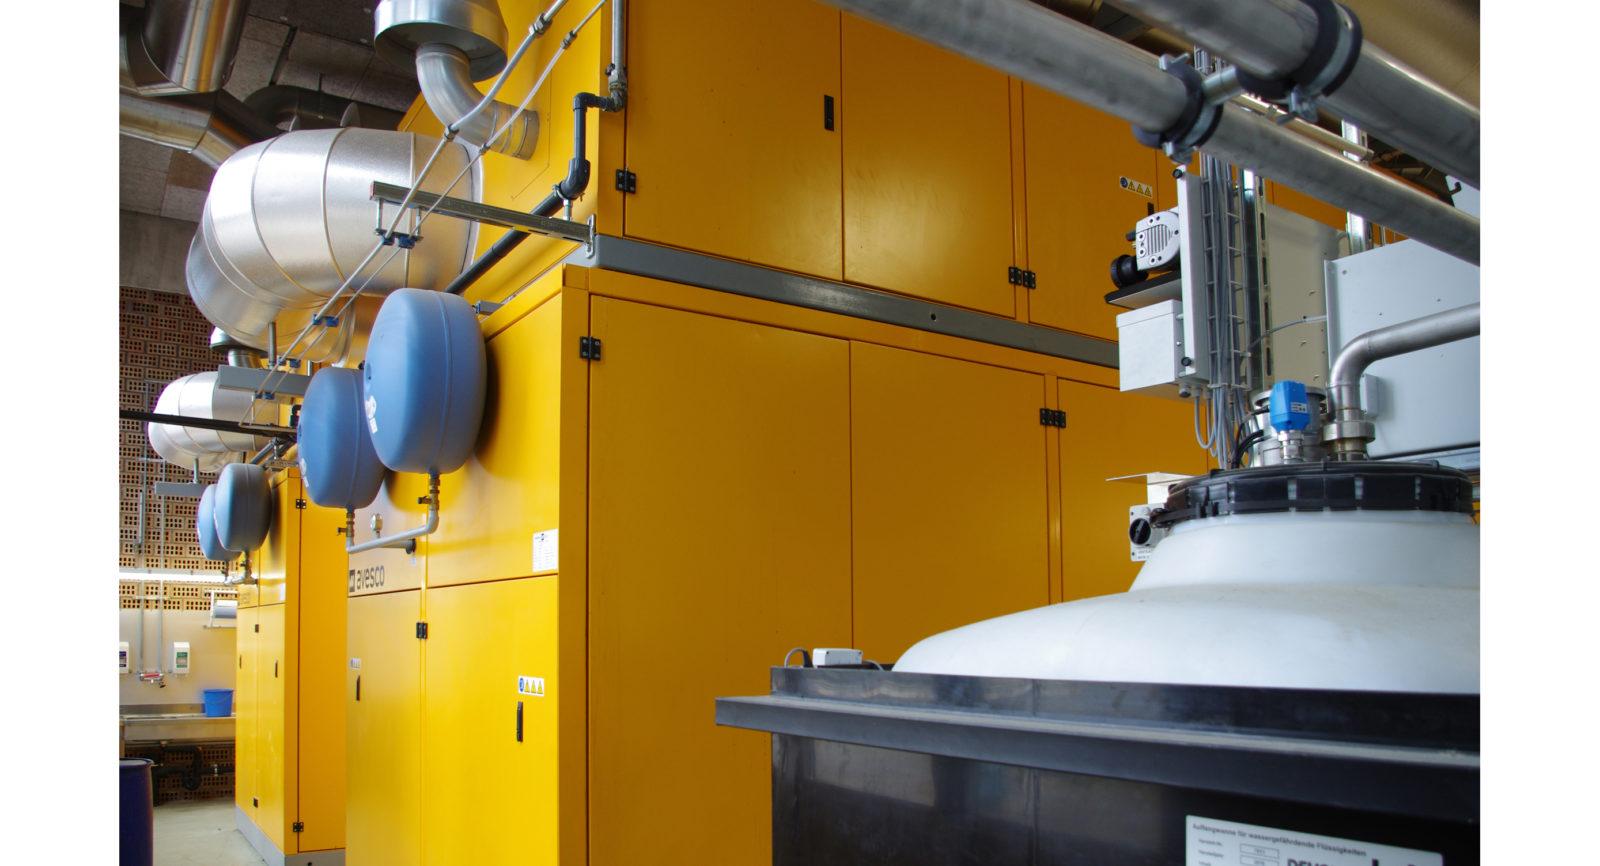 Die beiden Blockheizkraftwerke erzeugen rund 8,4 Mio. kWh Strom und 10 Mio. kWh Wärme. Sie sind mit einer Abgas-Wärmerückgewinnung und Katalysatoren mit Add Blue zur Stickstoffverminderung ausgestattet.